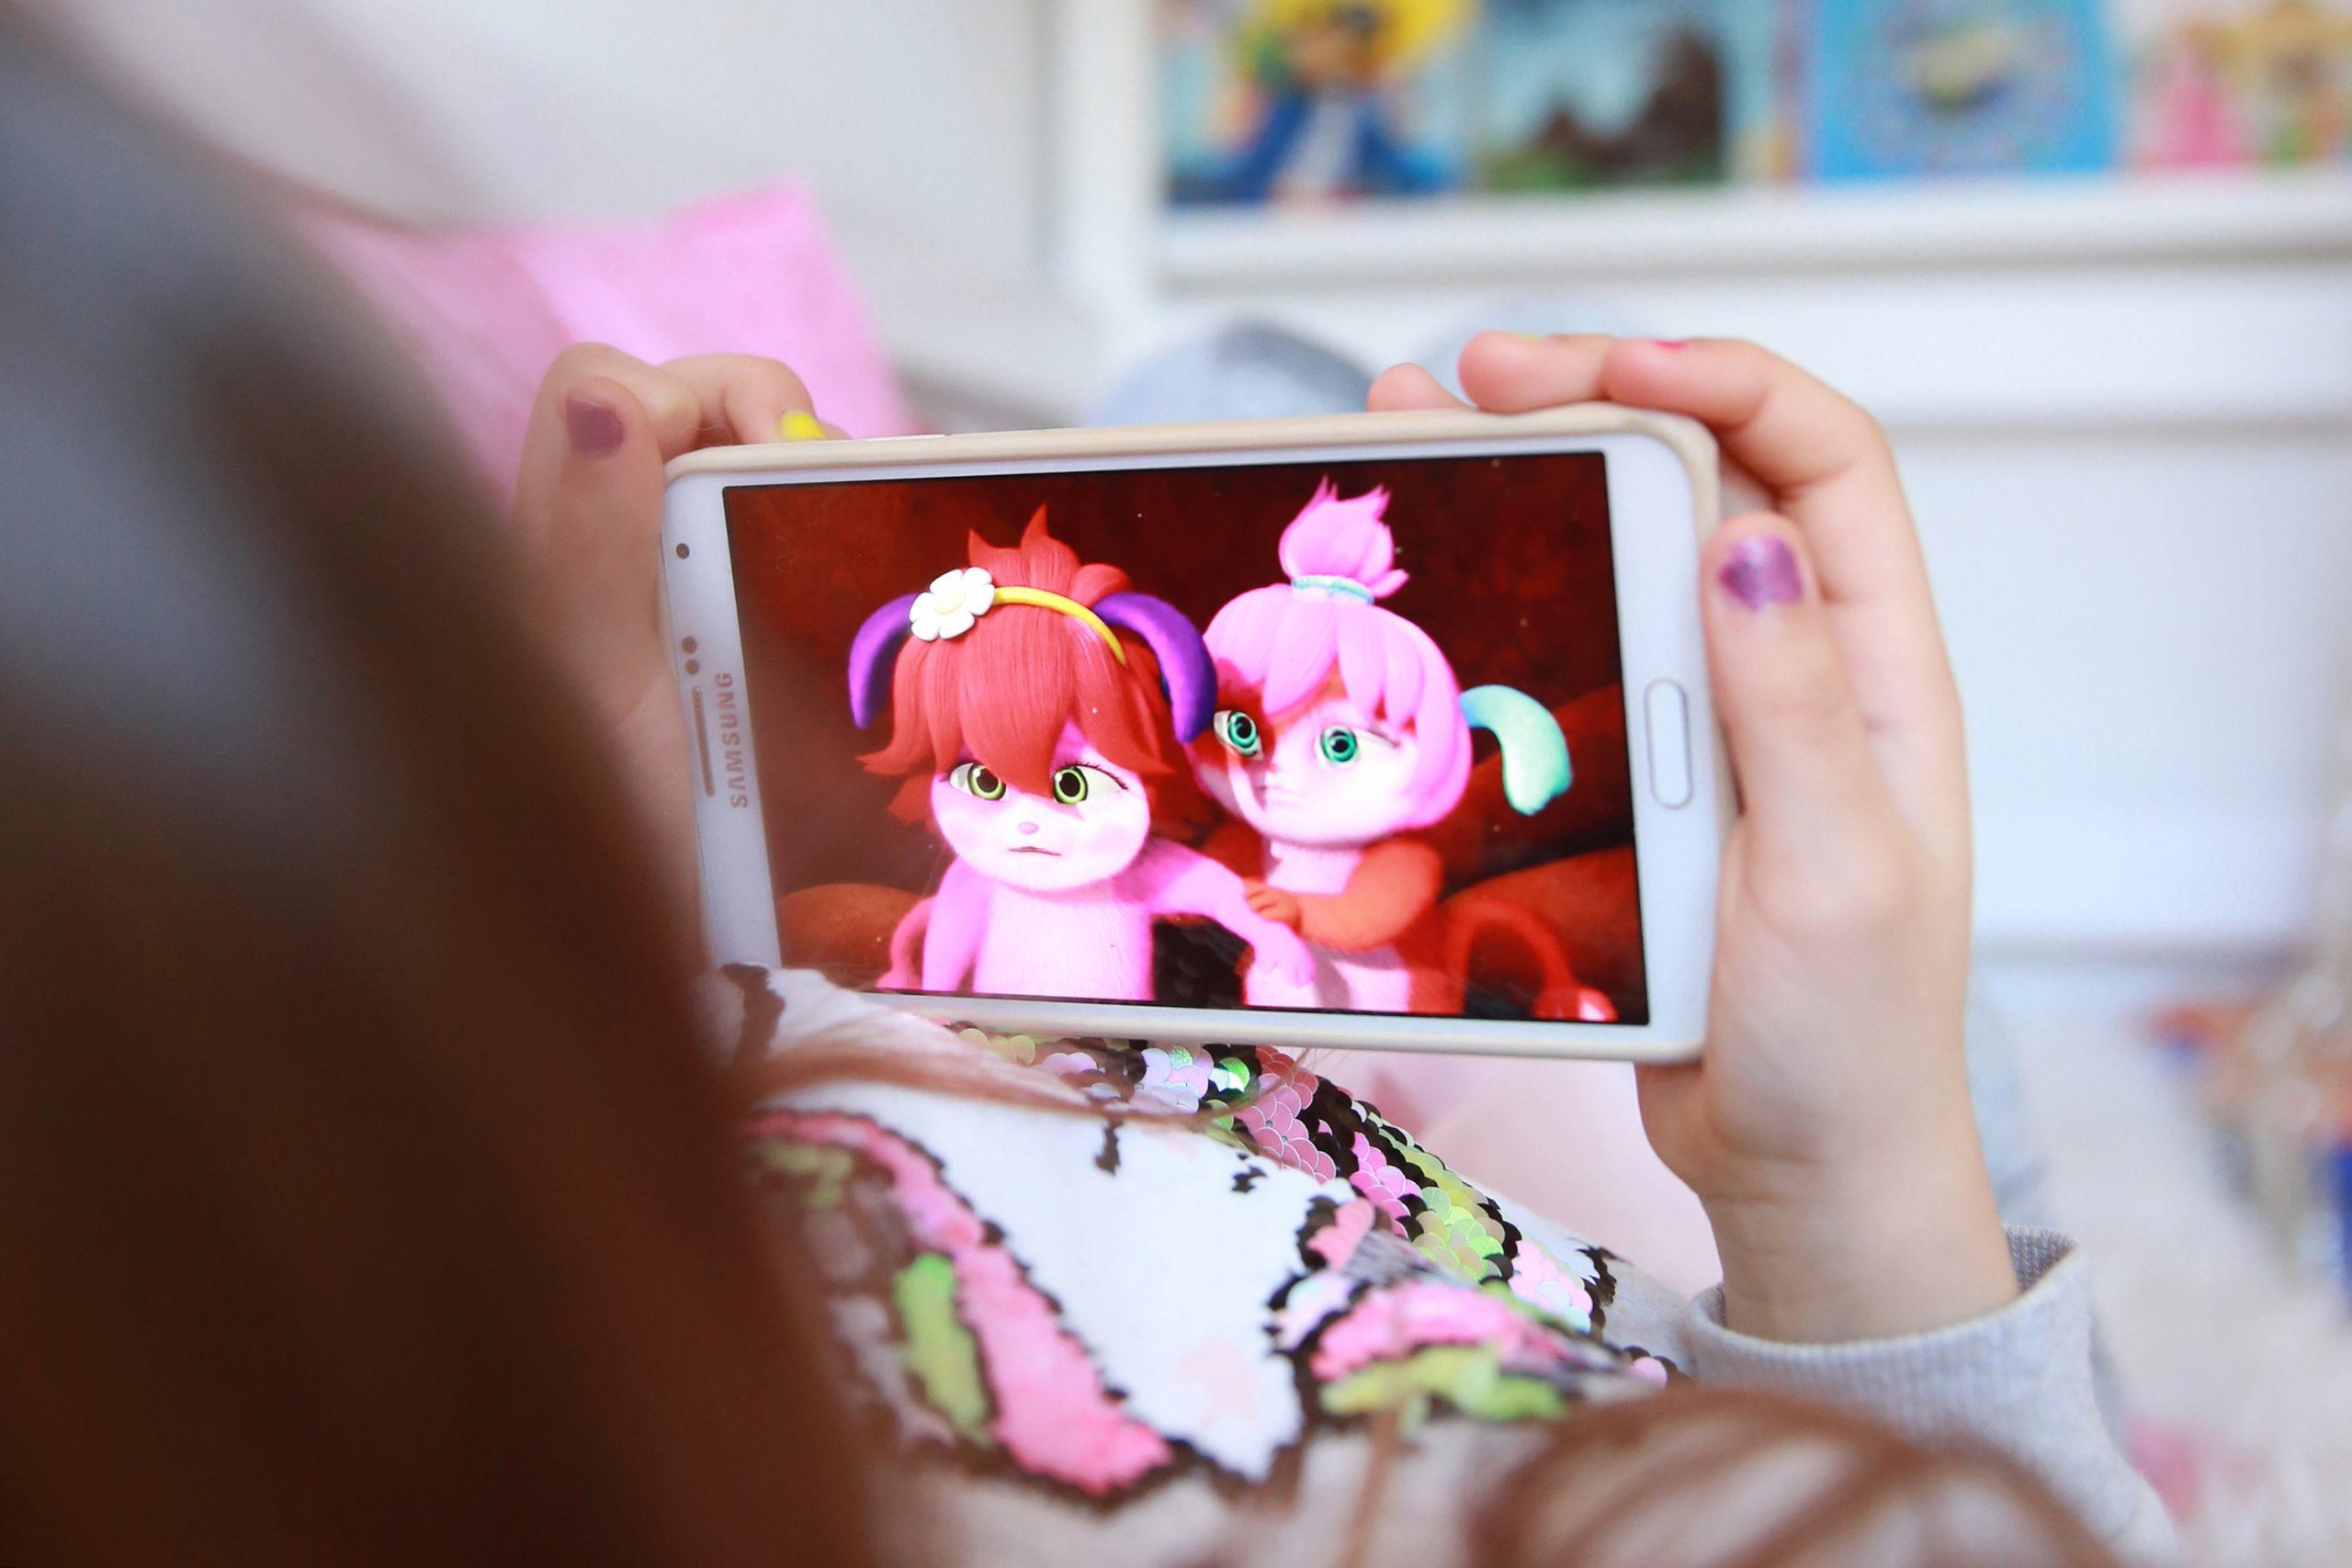 Nuevo control para filtrar contenido de YouTube a adolescentes